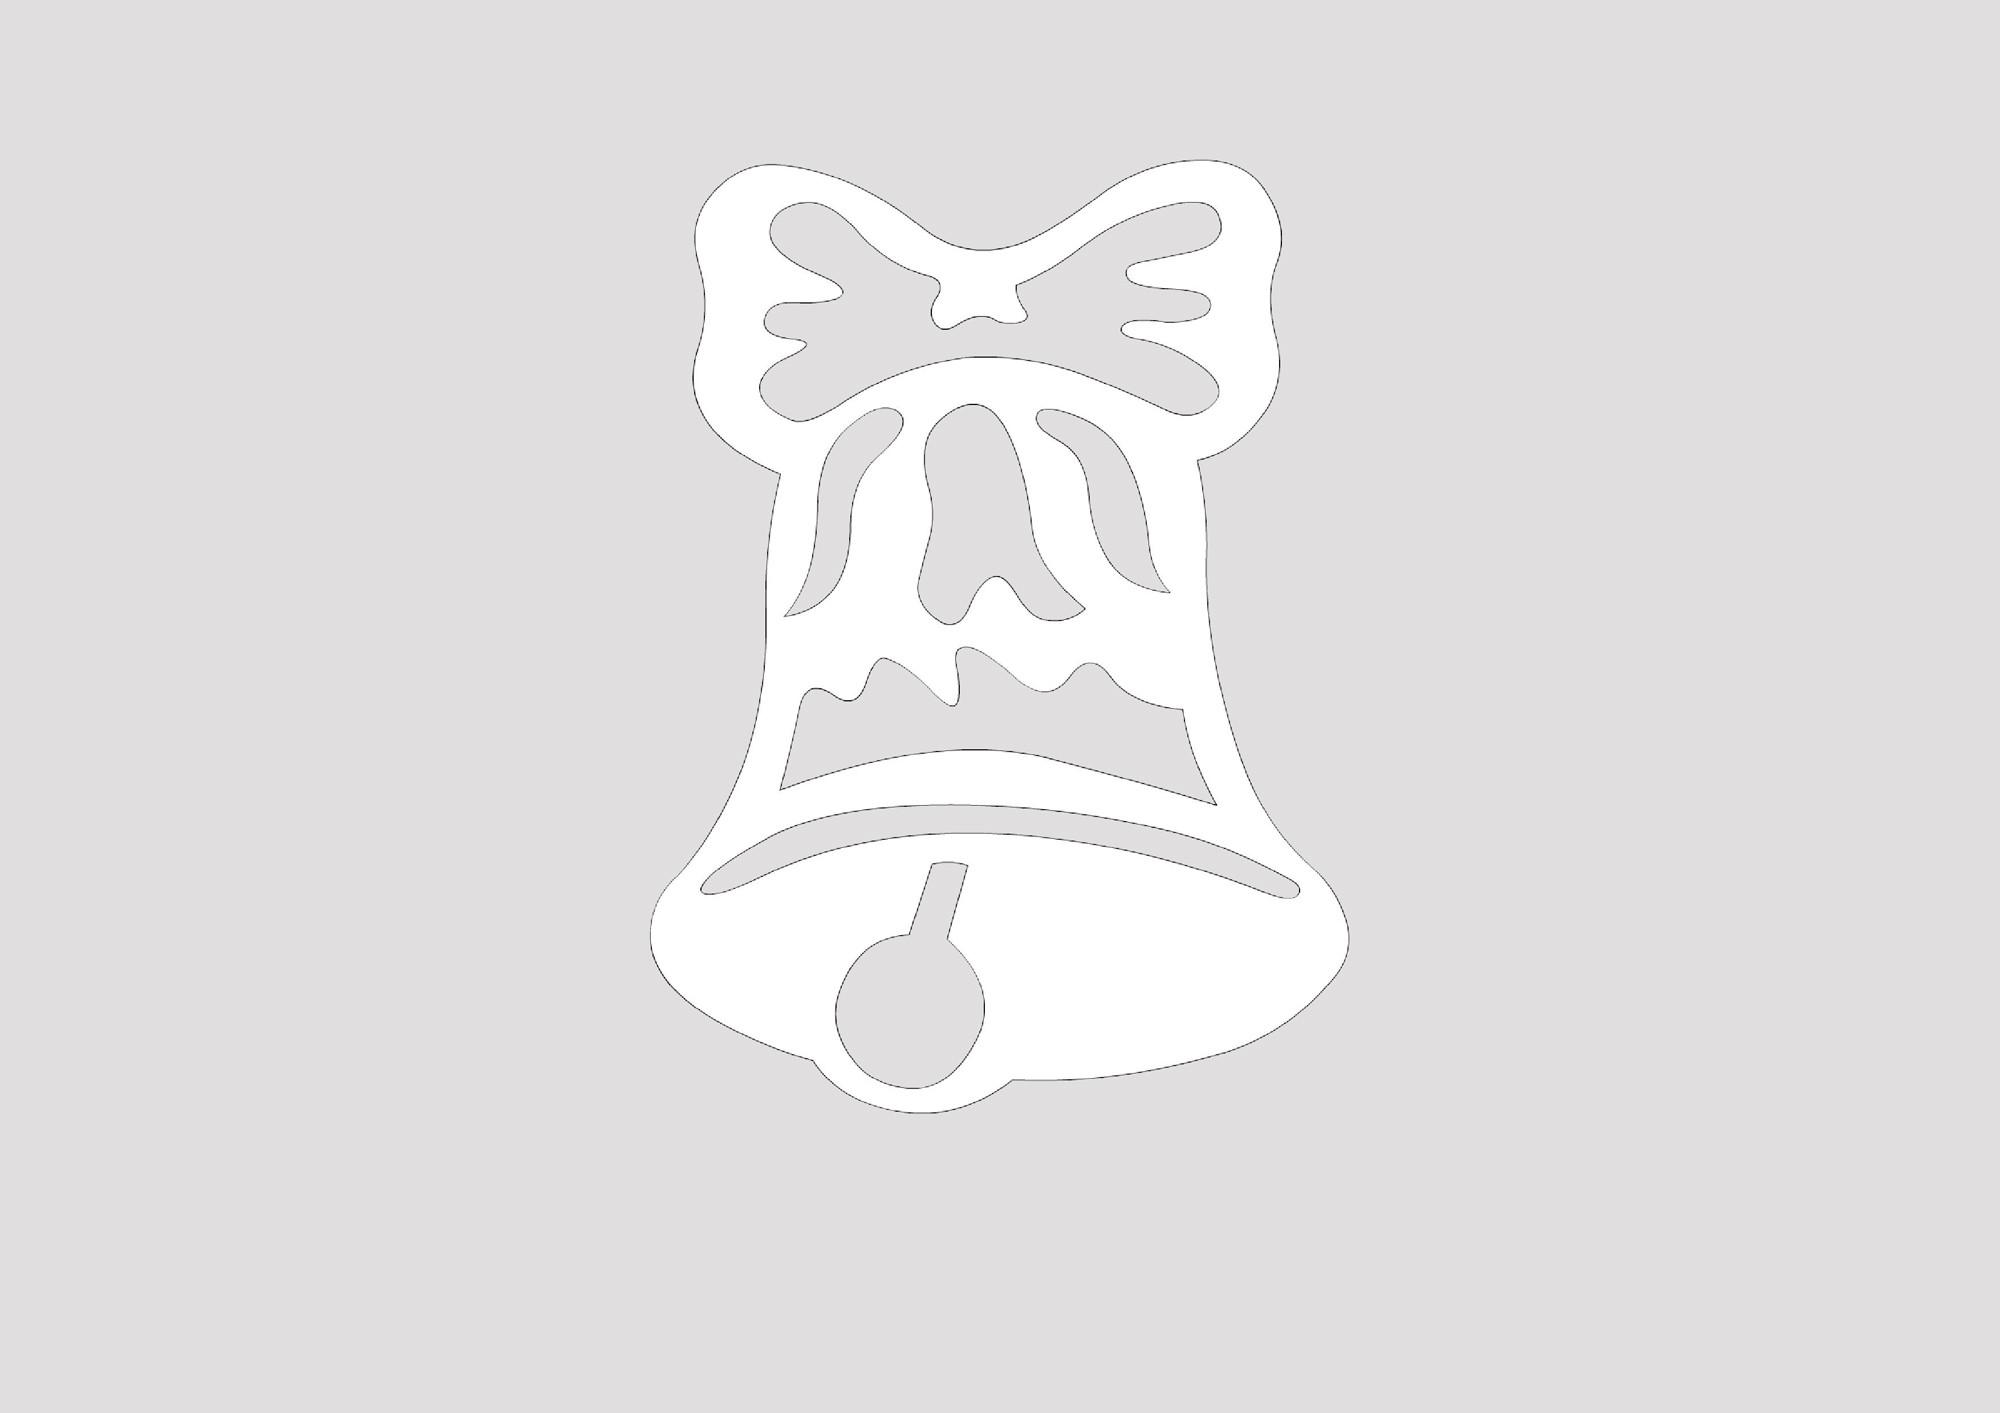 Новогодние колокольчики картинки для вырезания, войне 1941-1945 нарисованные